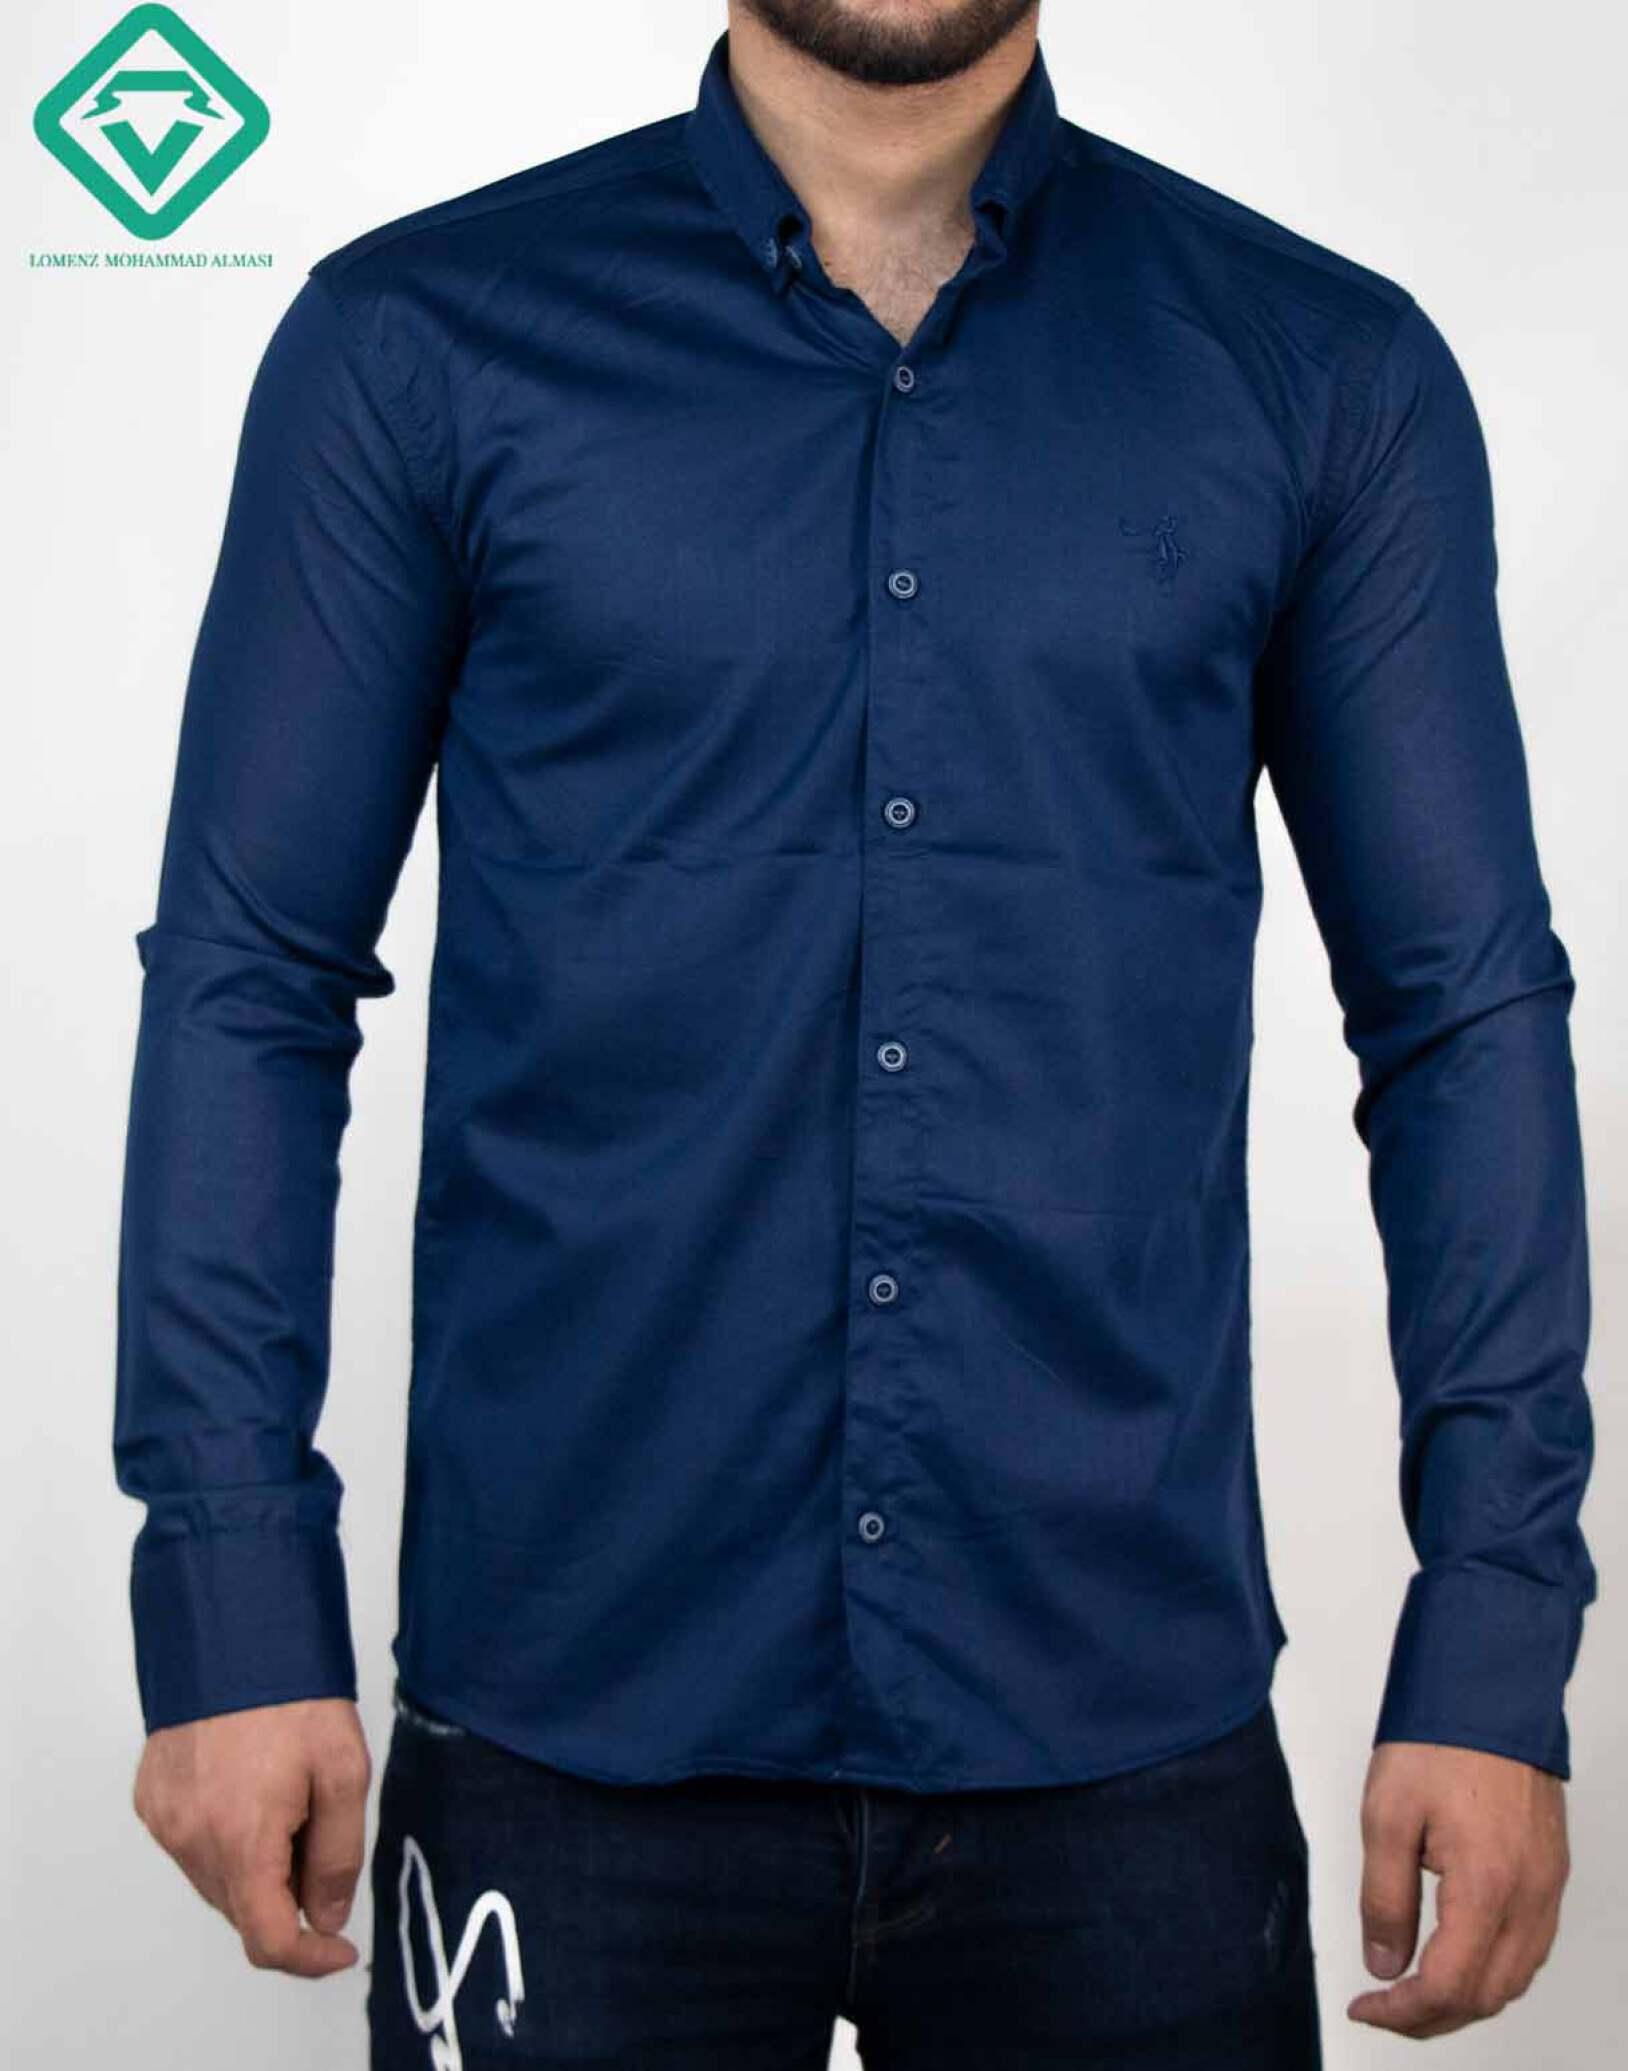 پیراهن آستین بلند اسپرت رنگ سورمه ای | فروشگاه لومنز